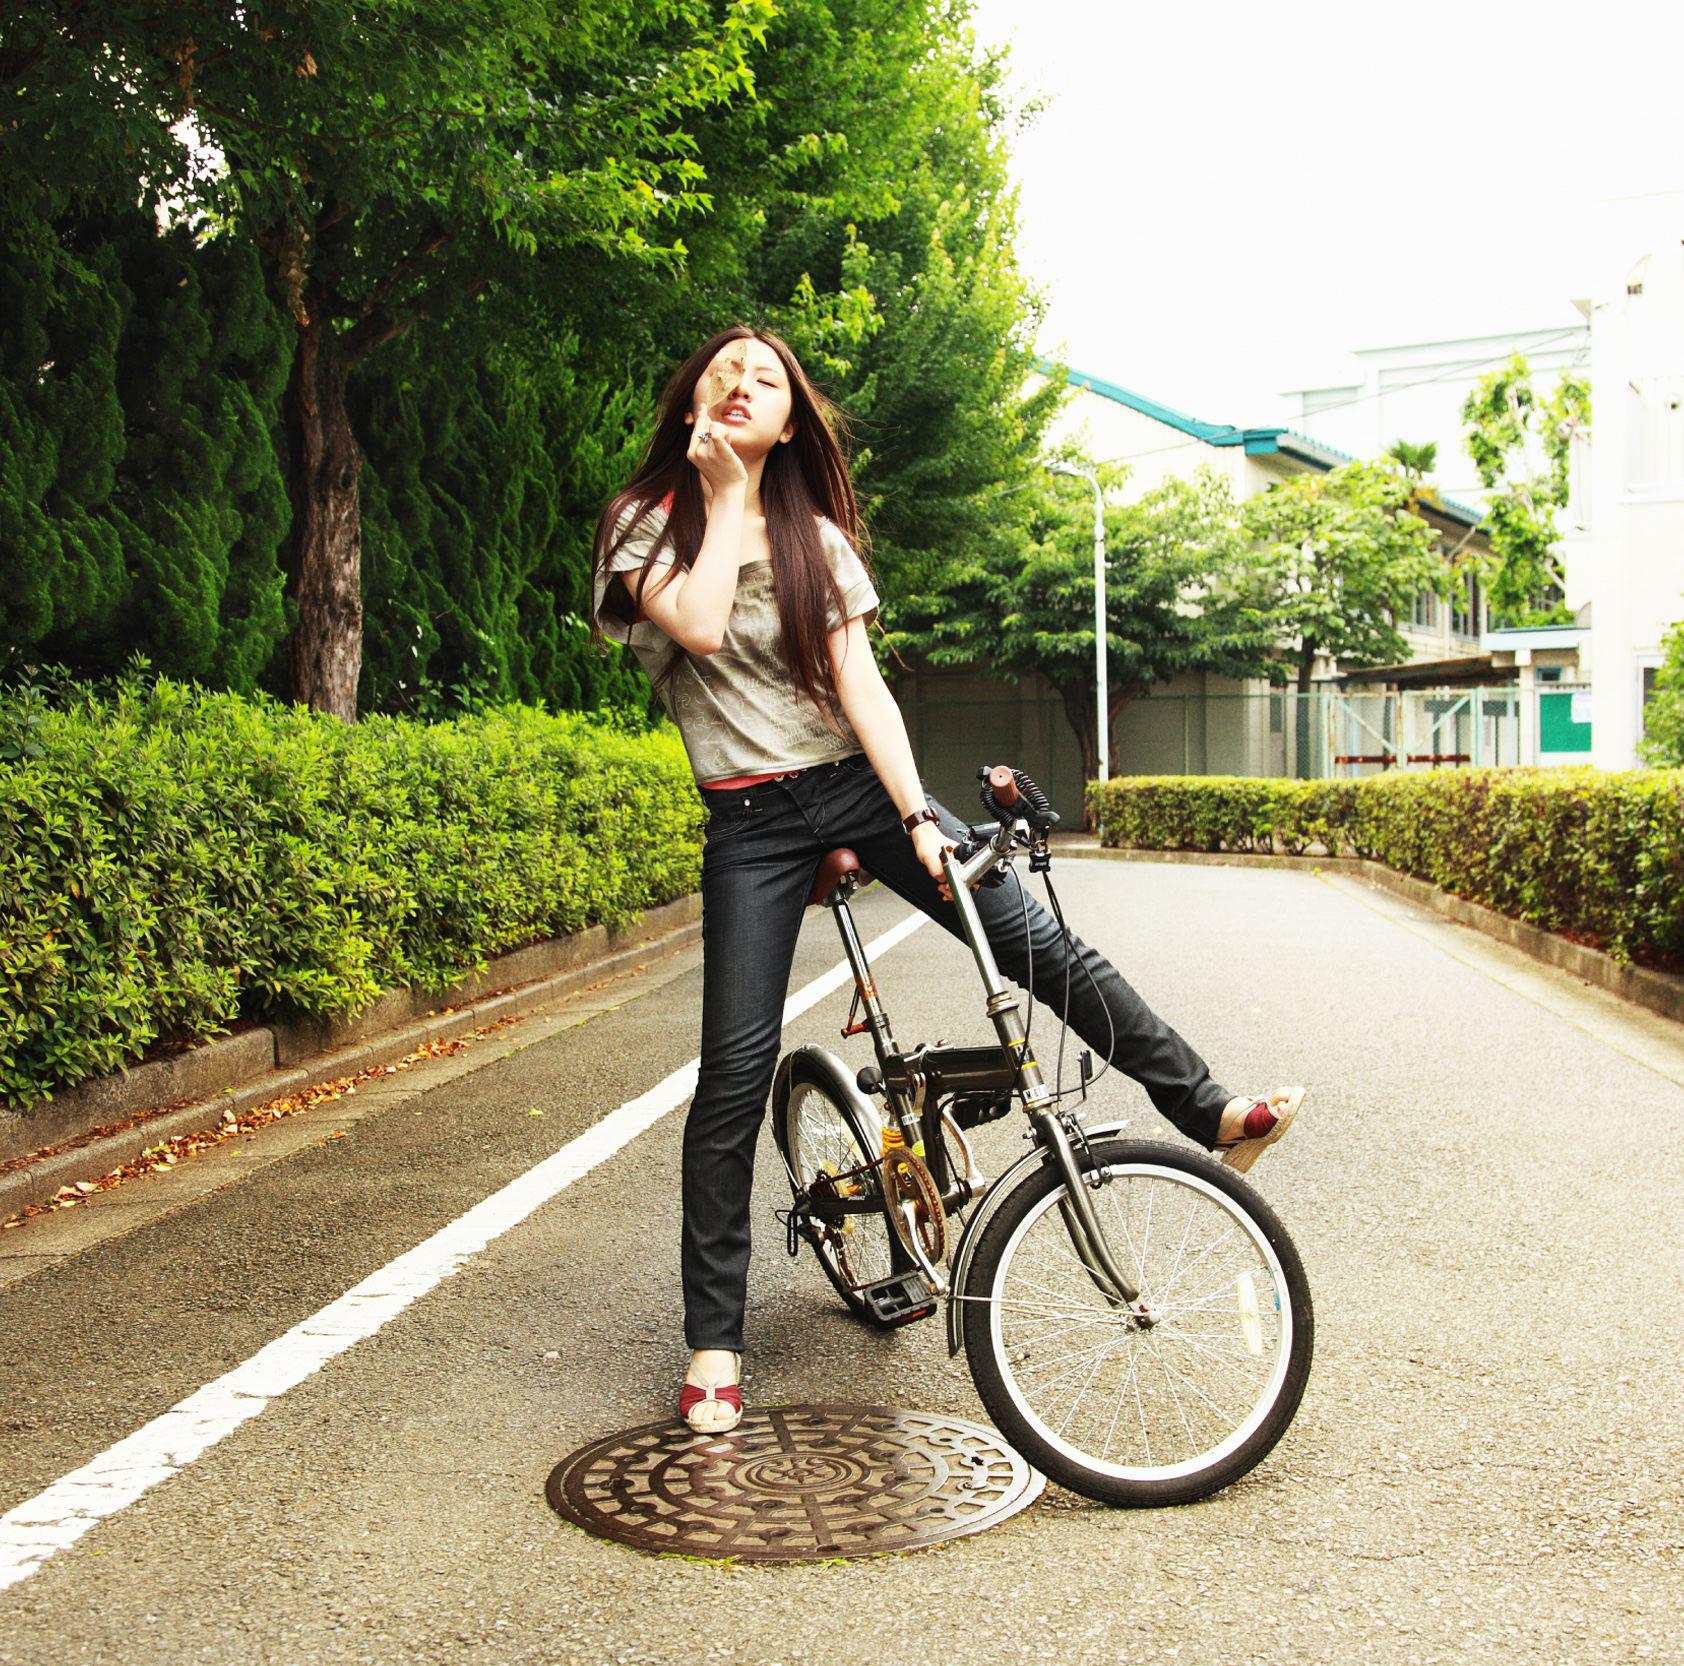 阿部真央 (あべまお) 2ndシングル『貴方の恋人になりたいのです』(2009年8月5日発売) 高画質ジャケット画像